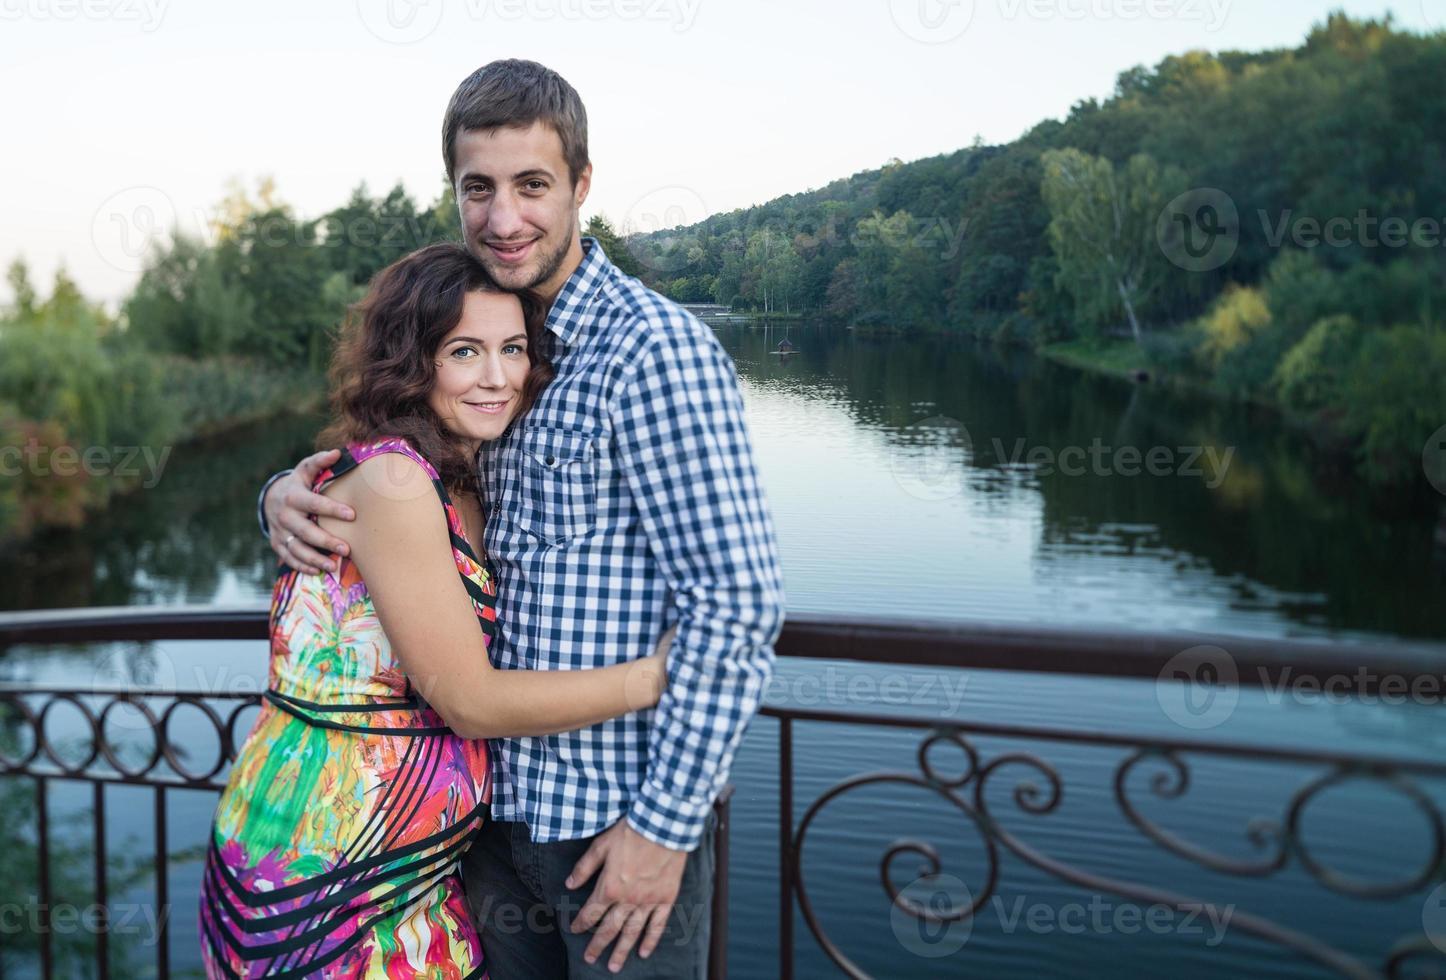 coppia di innamorati si erge sul ponte. foto